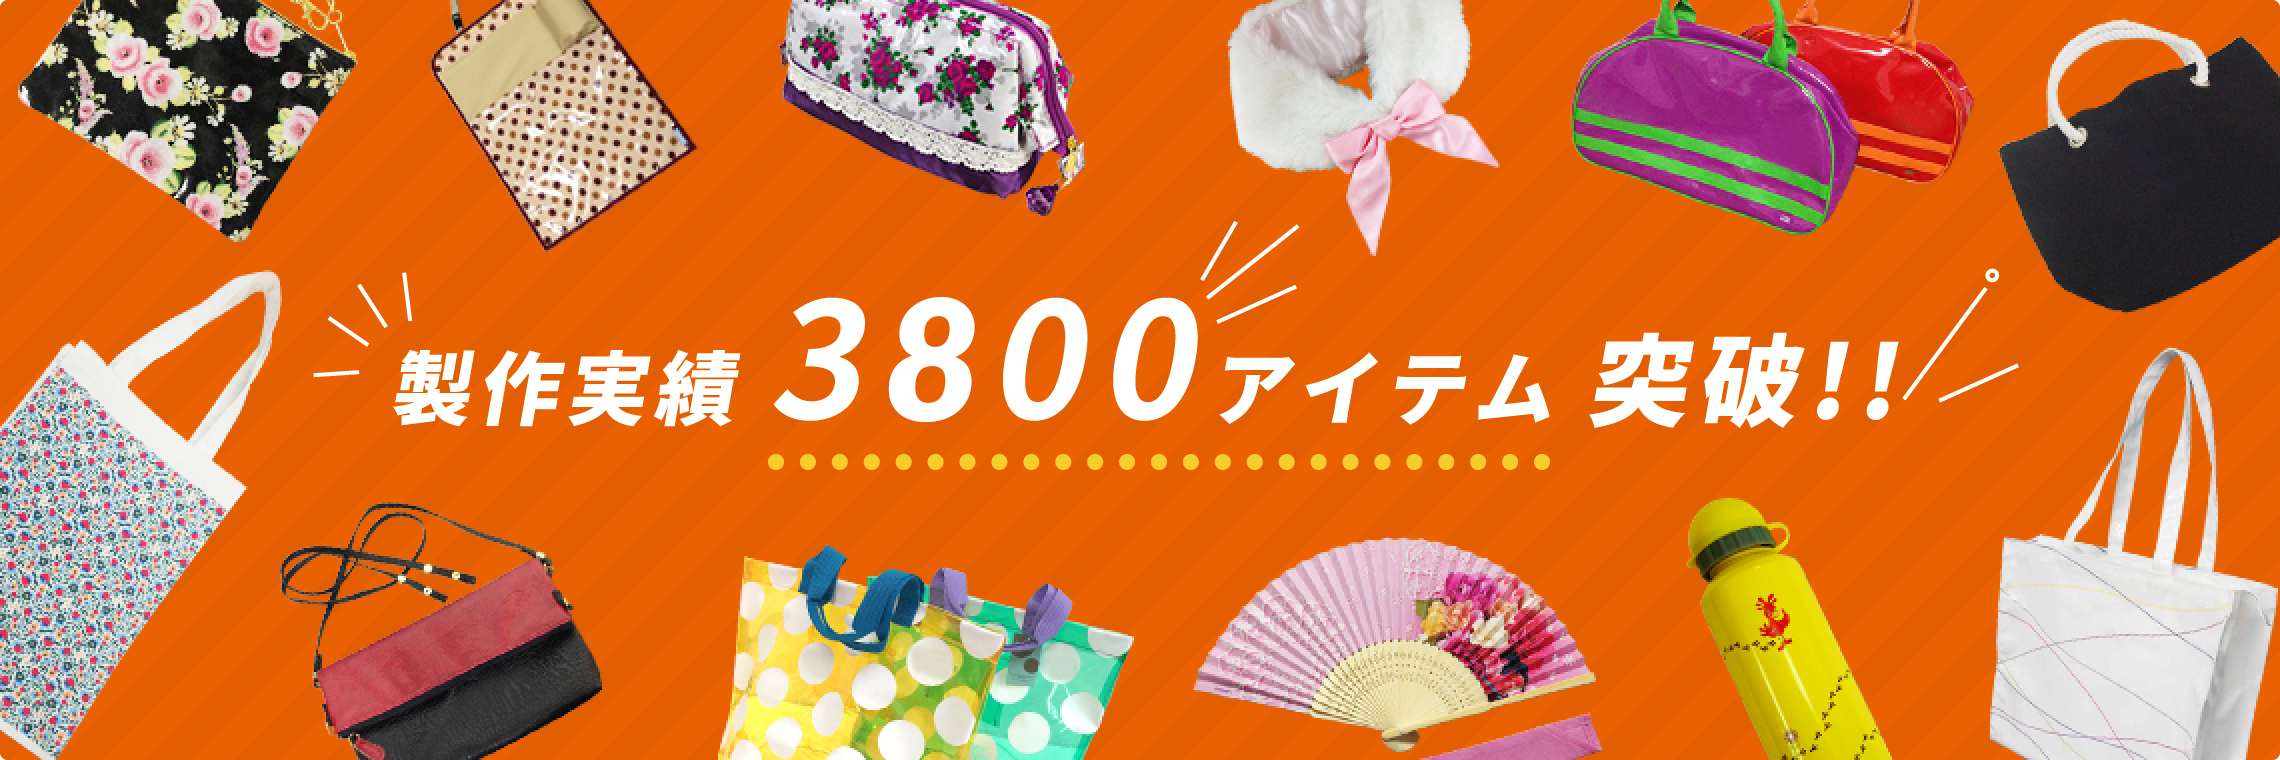 制作実績3500アイテム突破!